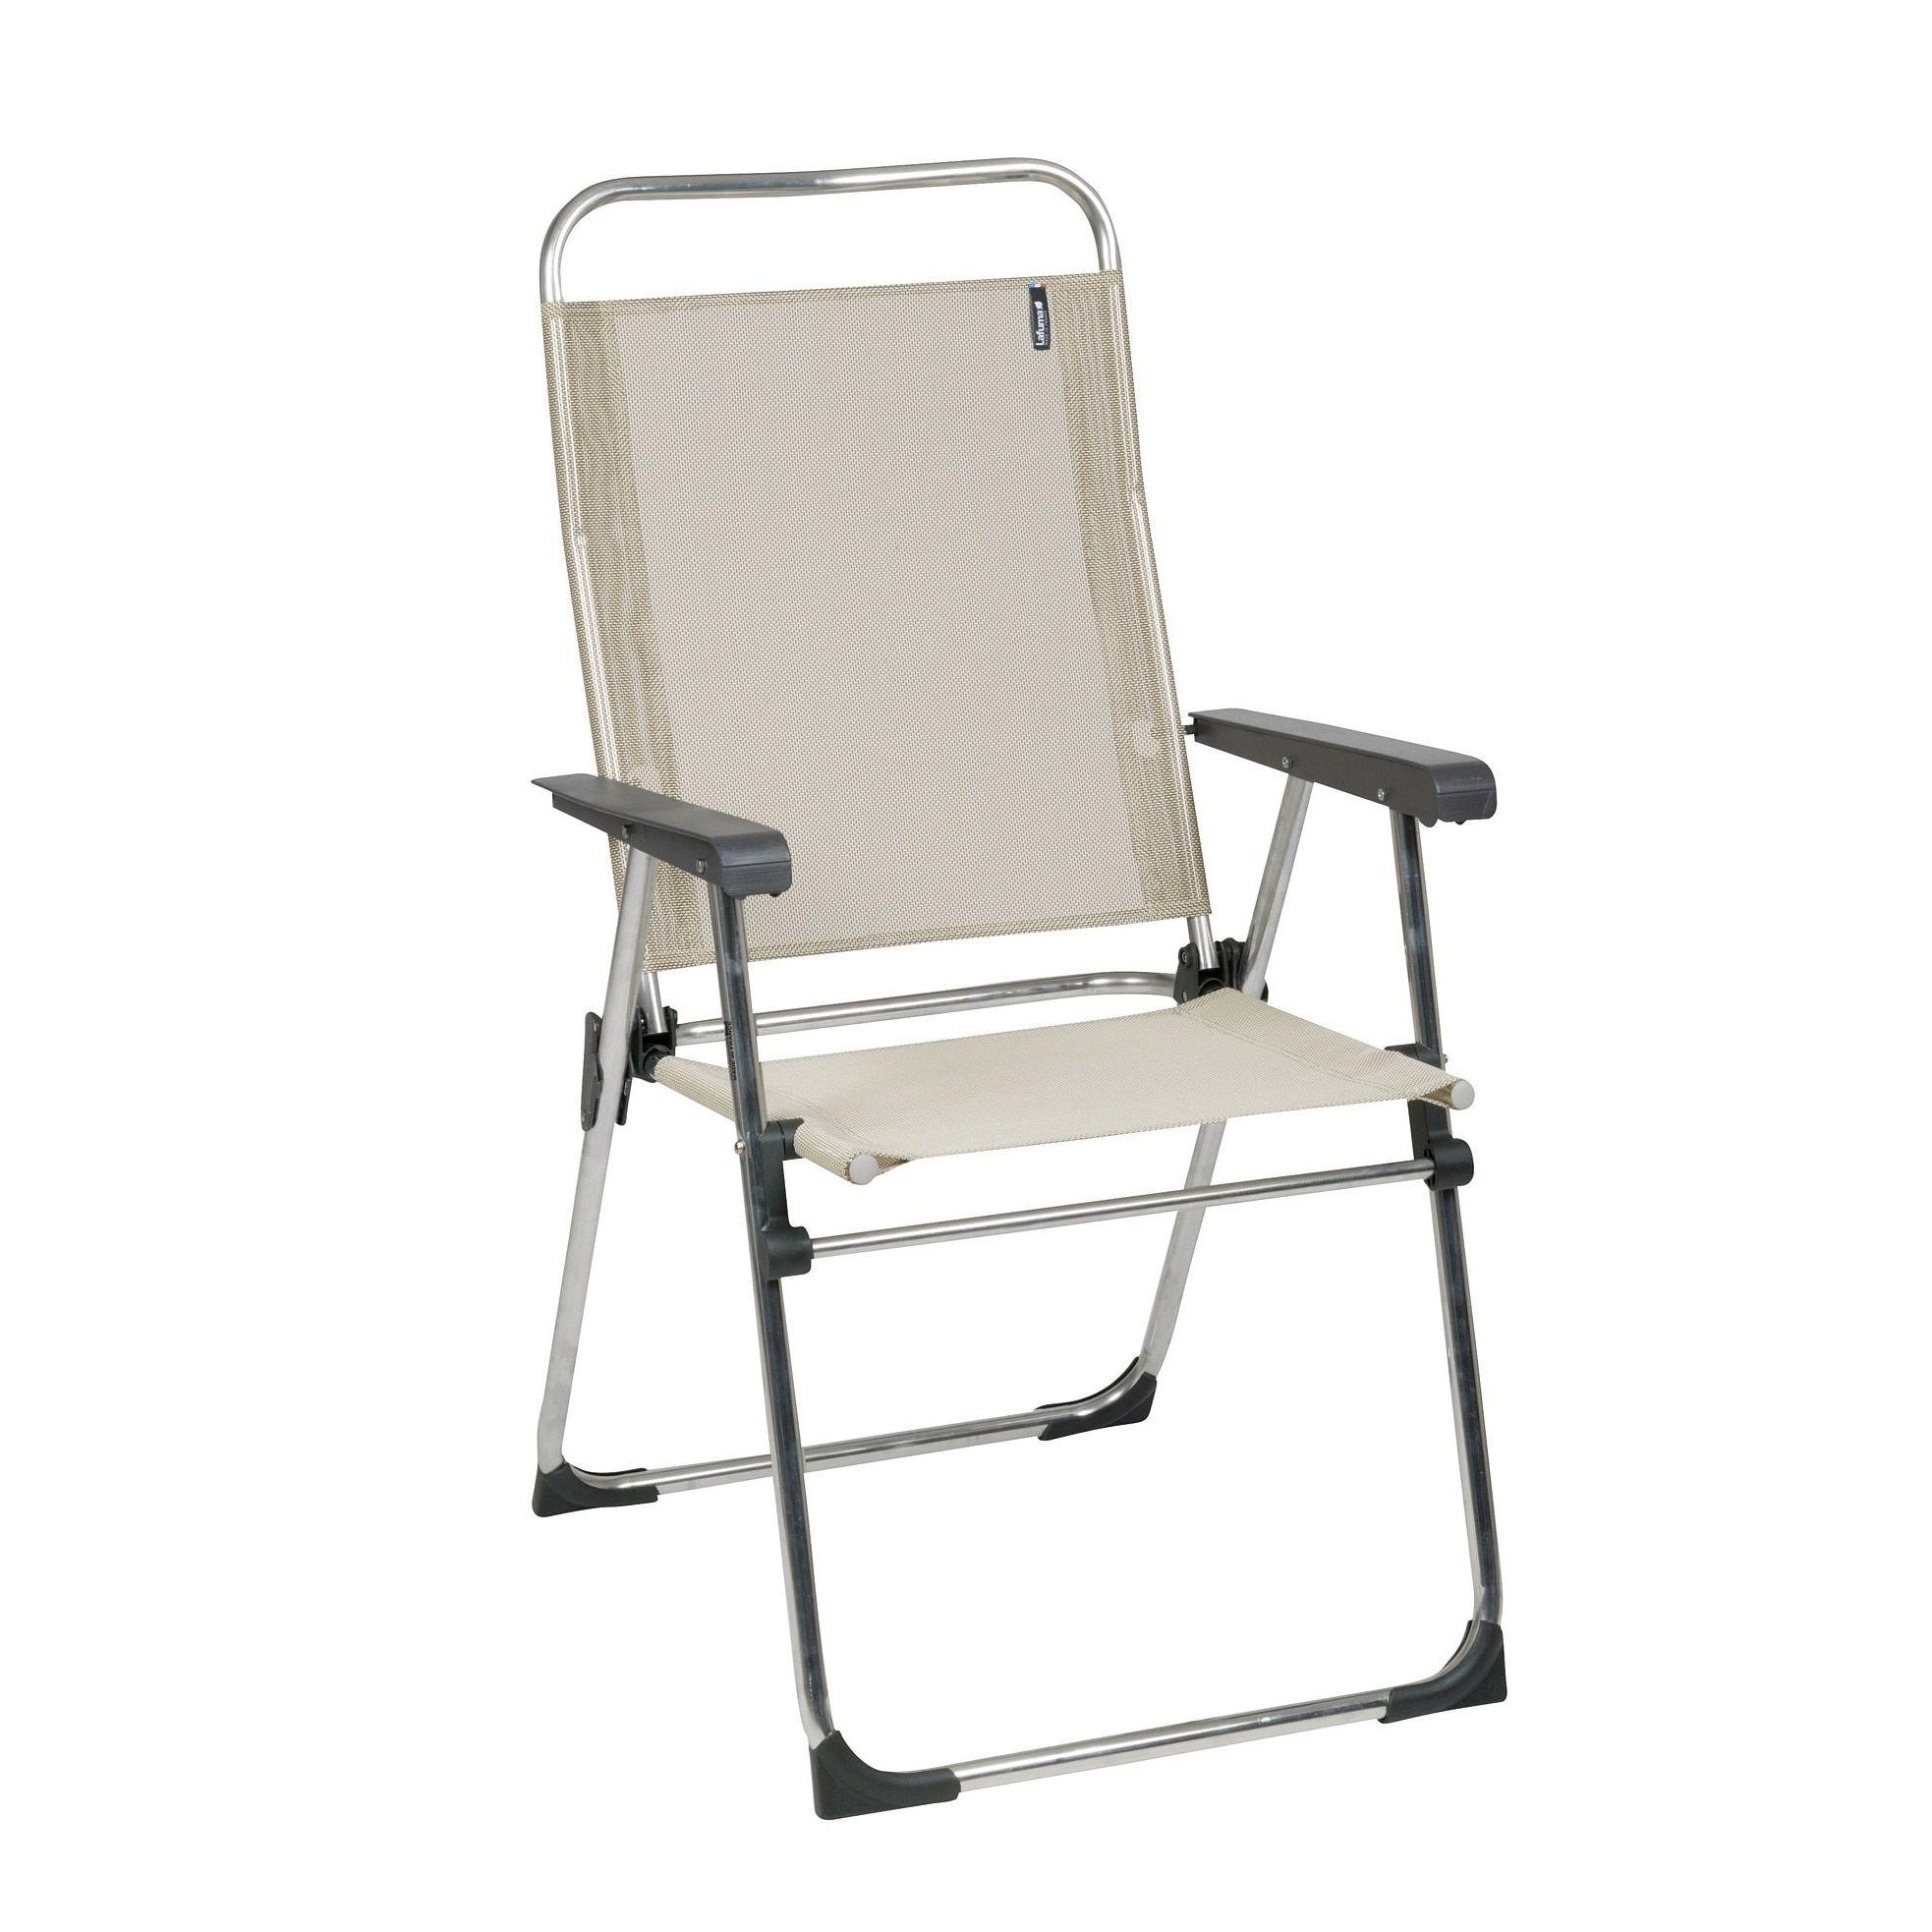 Lafuma Victoria Alu brut Aluminum Frame Folding Chair with Seigle